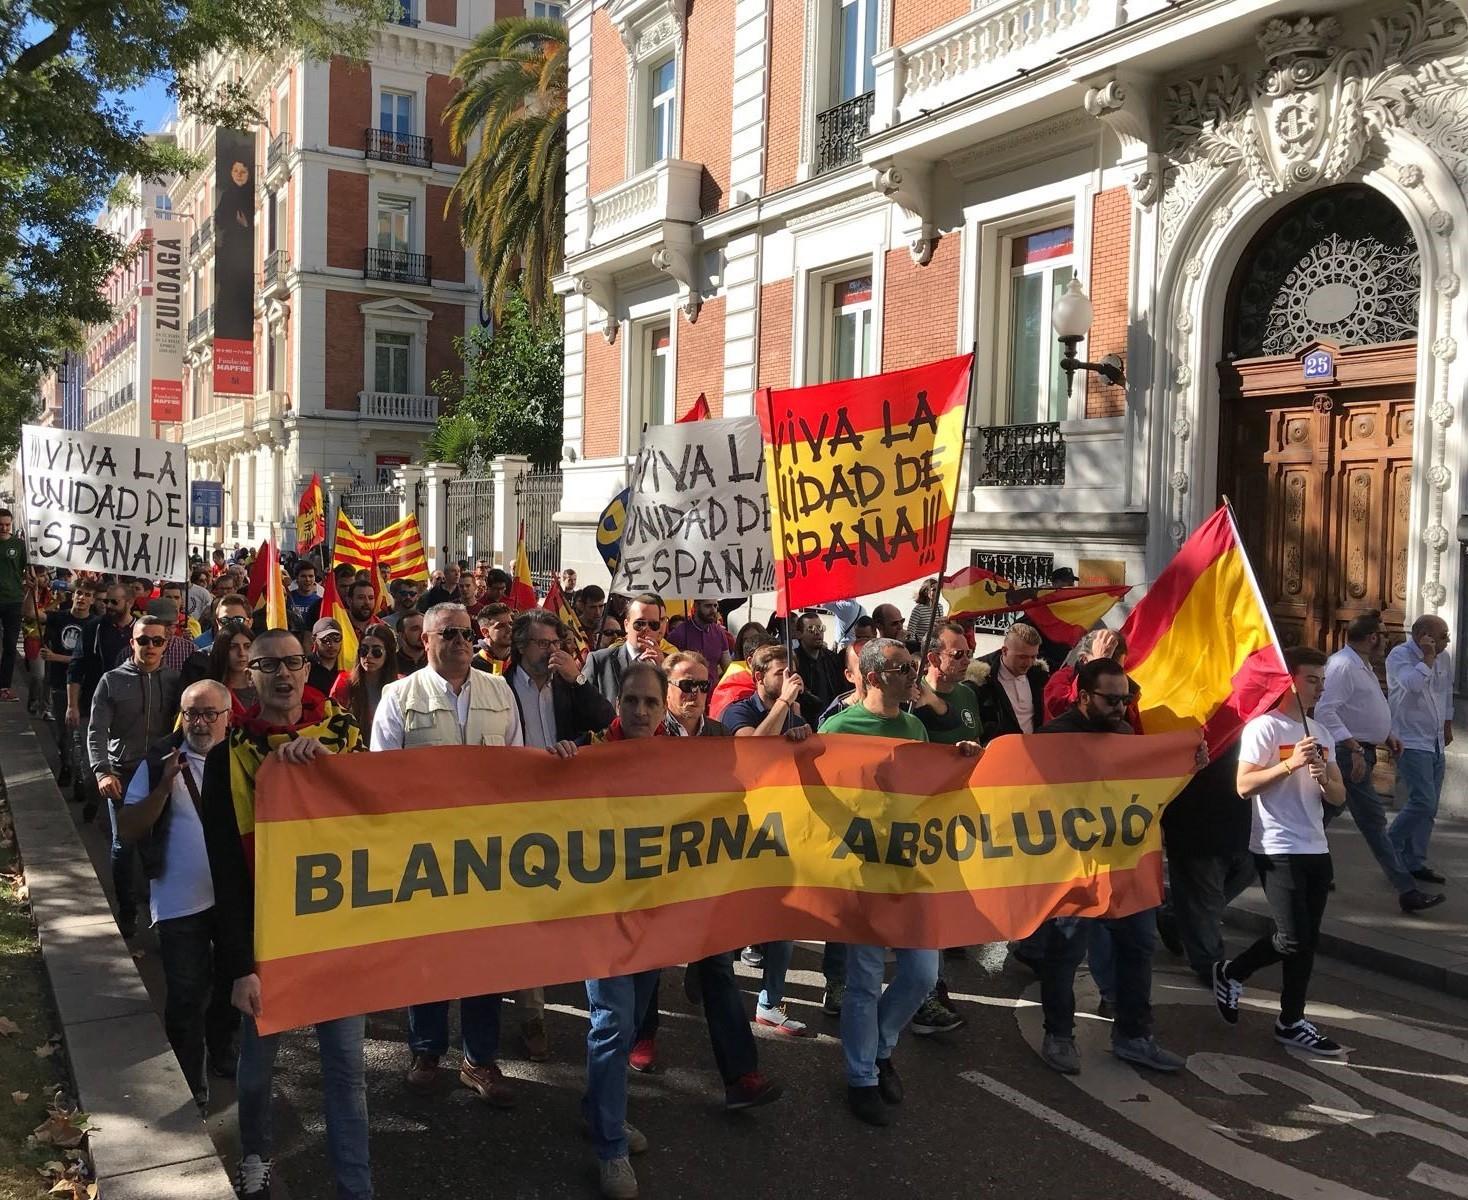 De nuevo en la calle contra los separatistas y sus cómplices